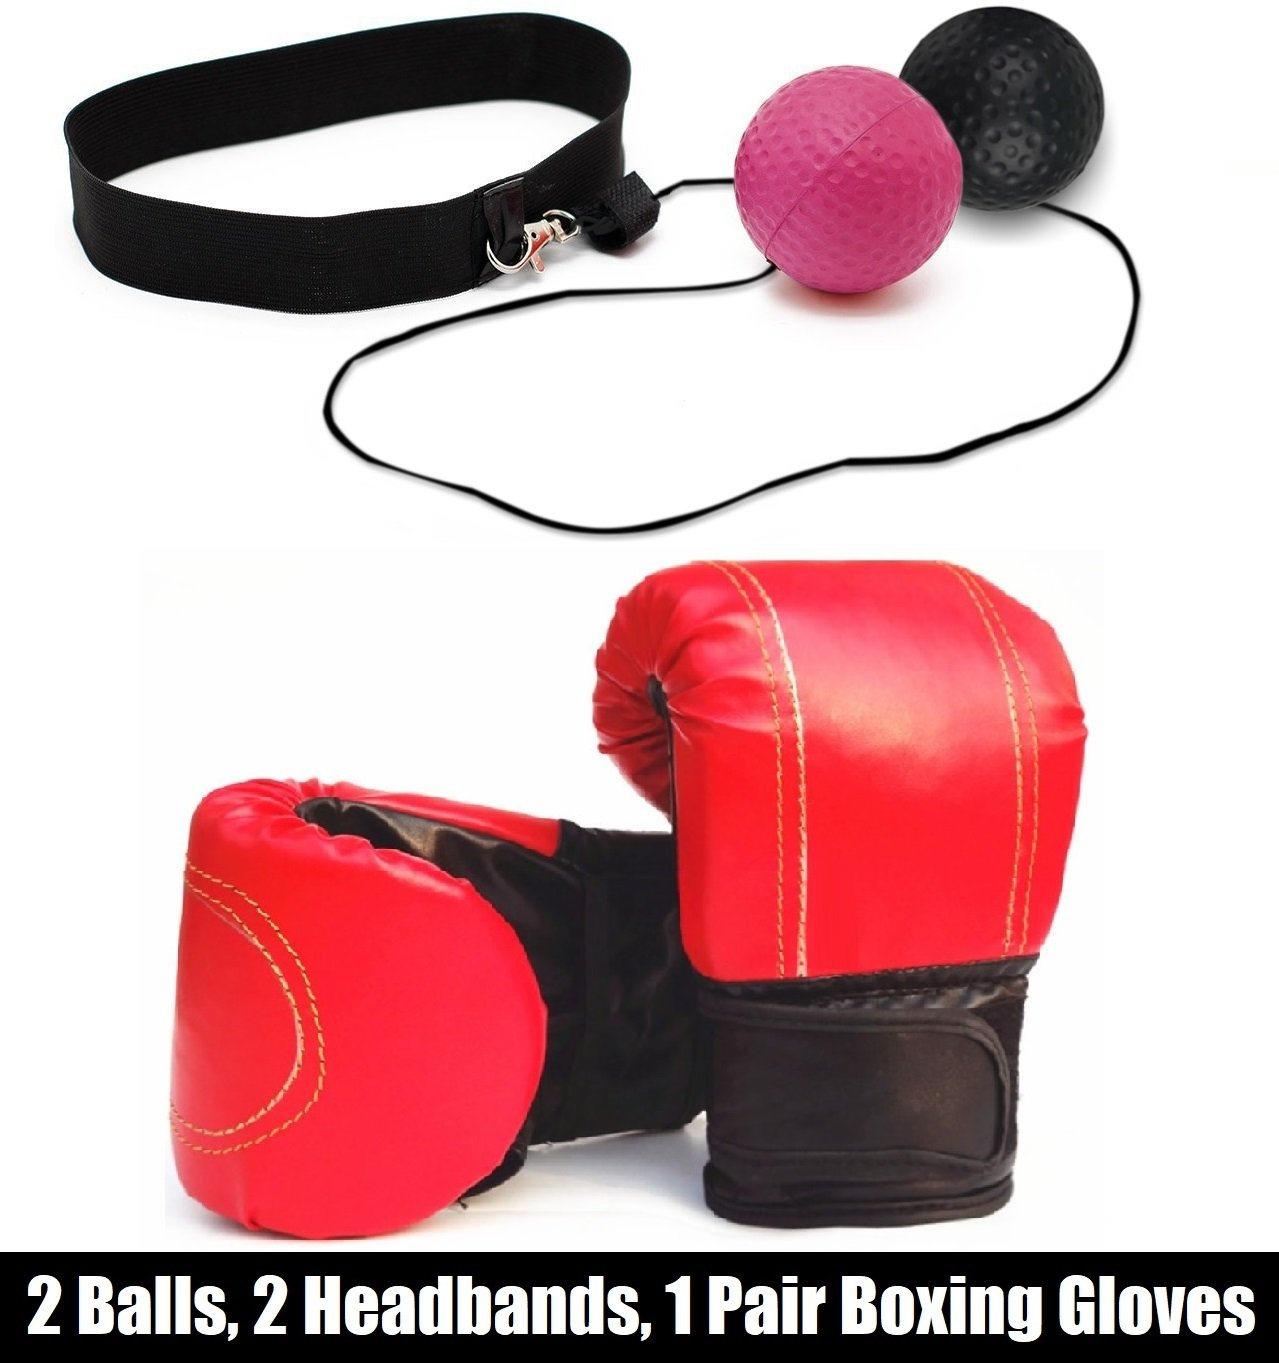 【国際ブランド】 boxwish Eye Boxingボールon文字列、2難易度レベルReflexボールwith boxwish 2ヘッドバンドとボクシンググローブ, Softer Thanテニスボール、Boxing Punching精度改善& Hand Coordination Eye Coordination B07BJ8W2DV, 鎌倉カフス工房:29fdbf7d --- a0267596.xsph.ru